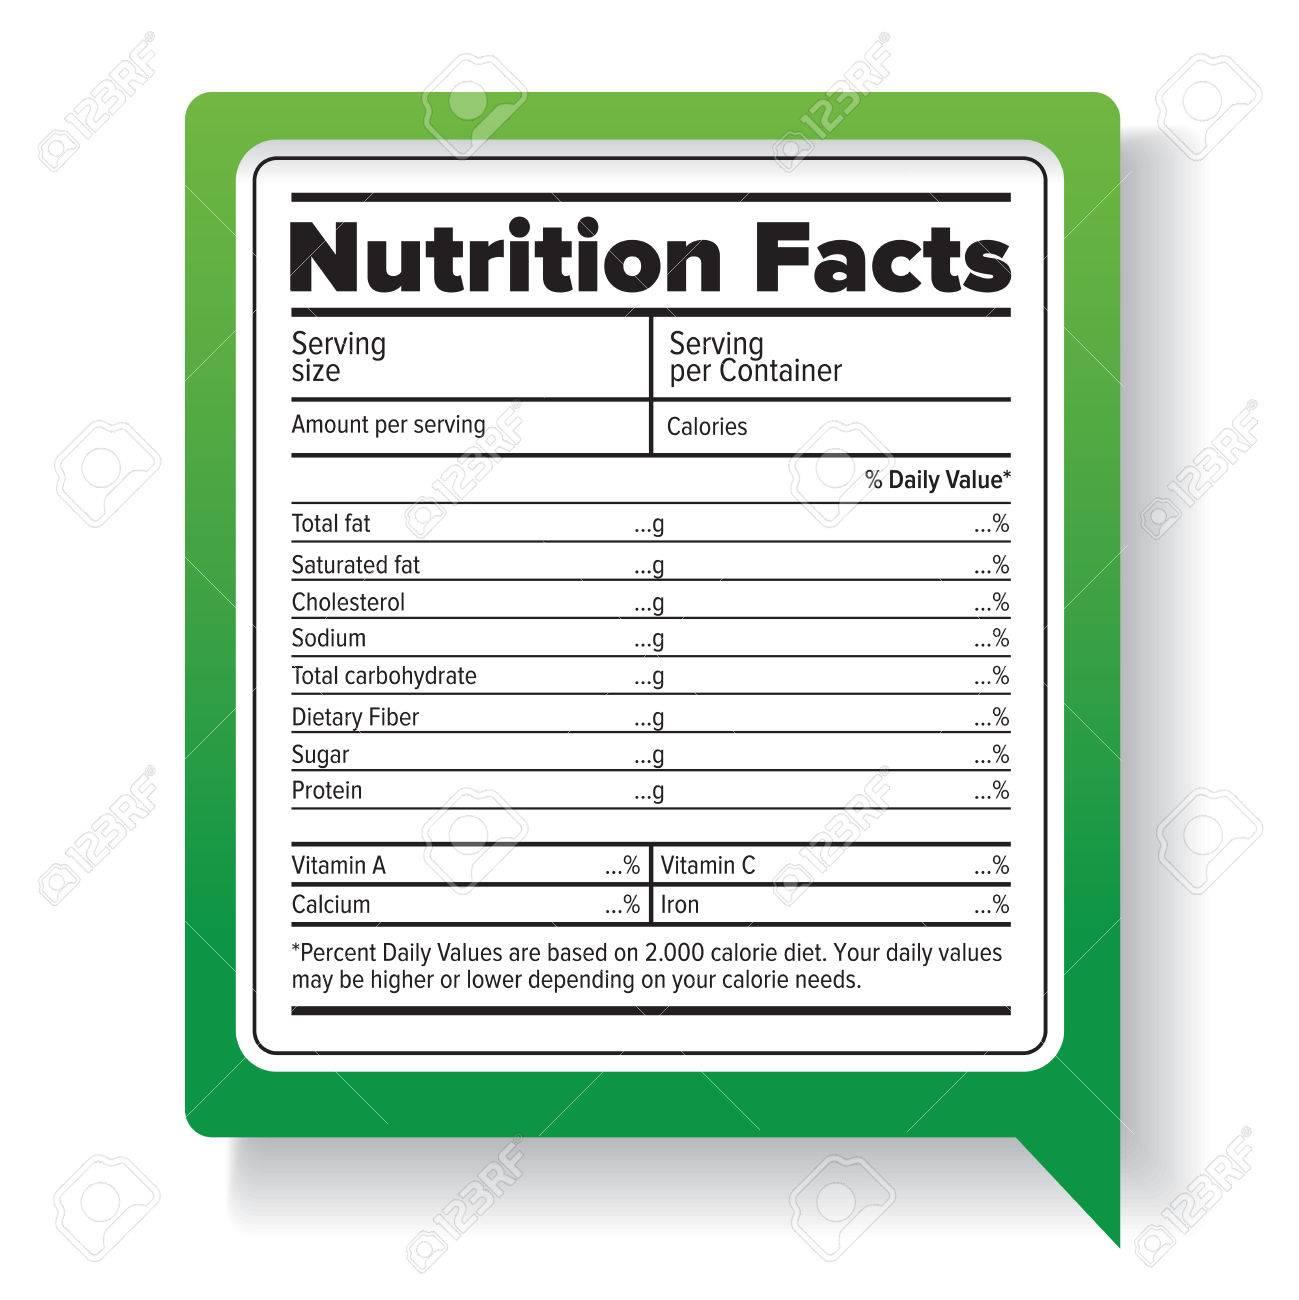 栄養物の事実 ロイヤリティフリ...